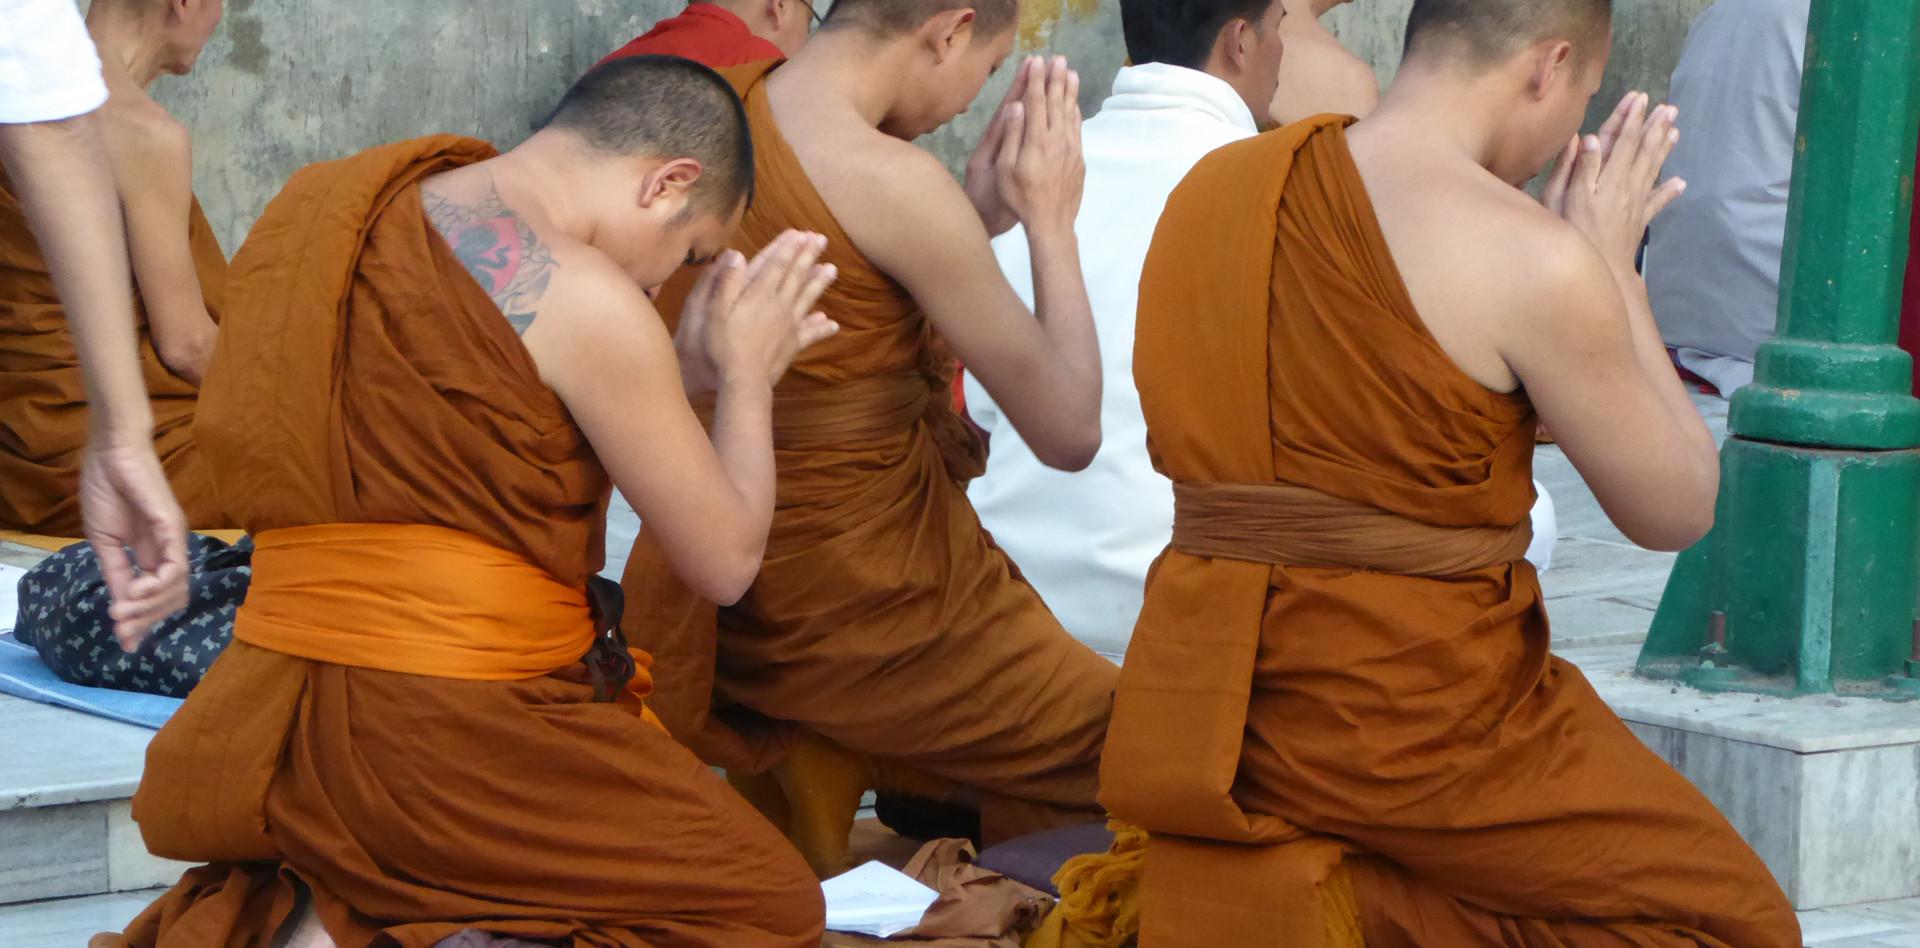 Mönche aus Burma